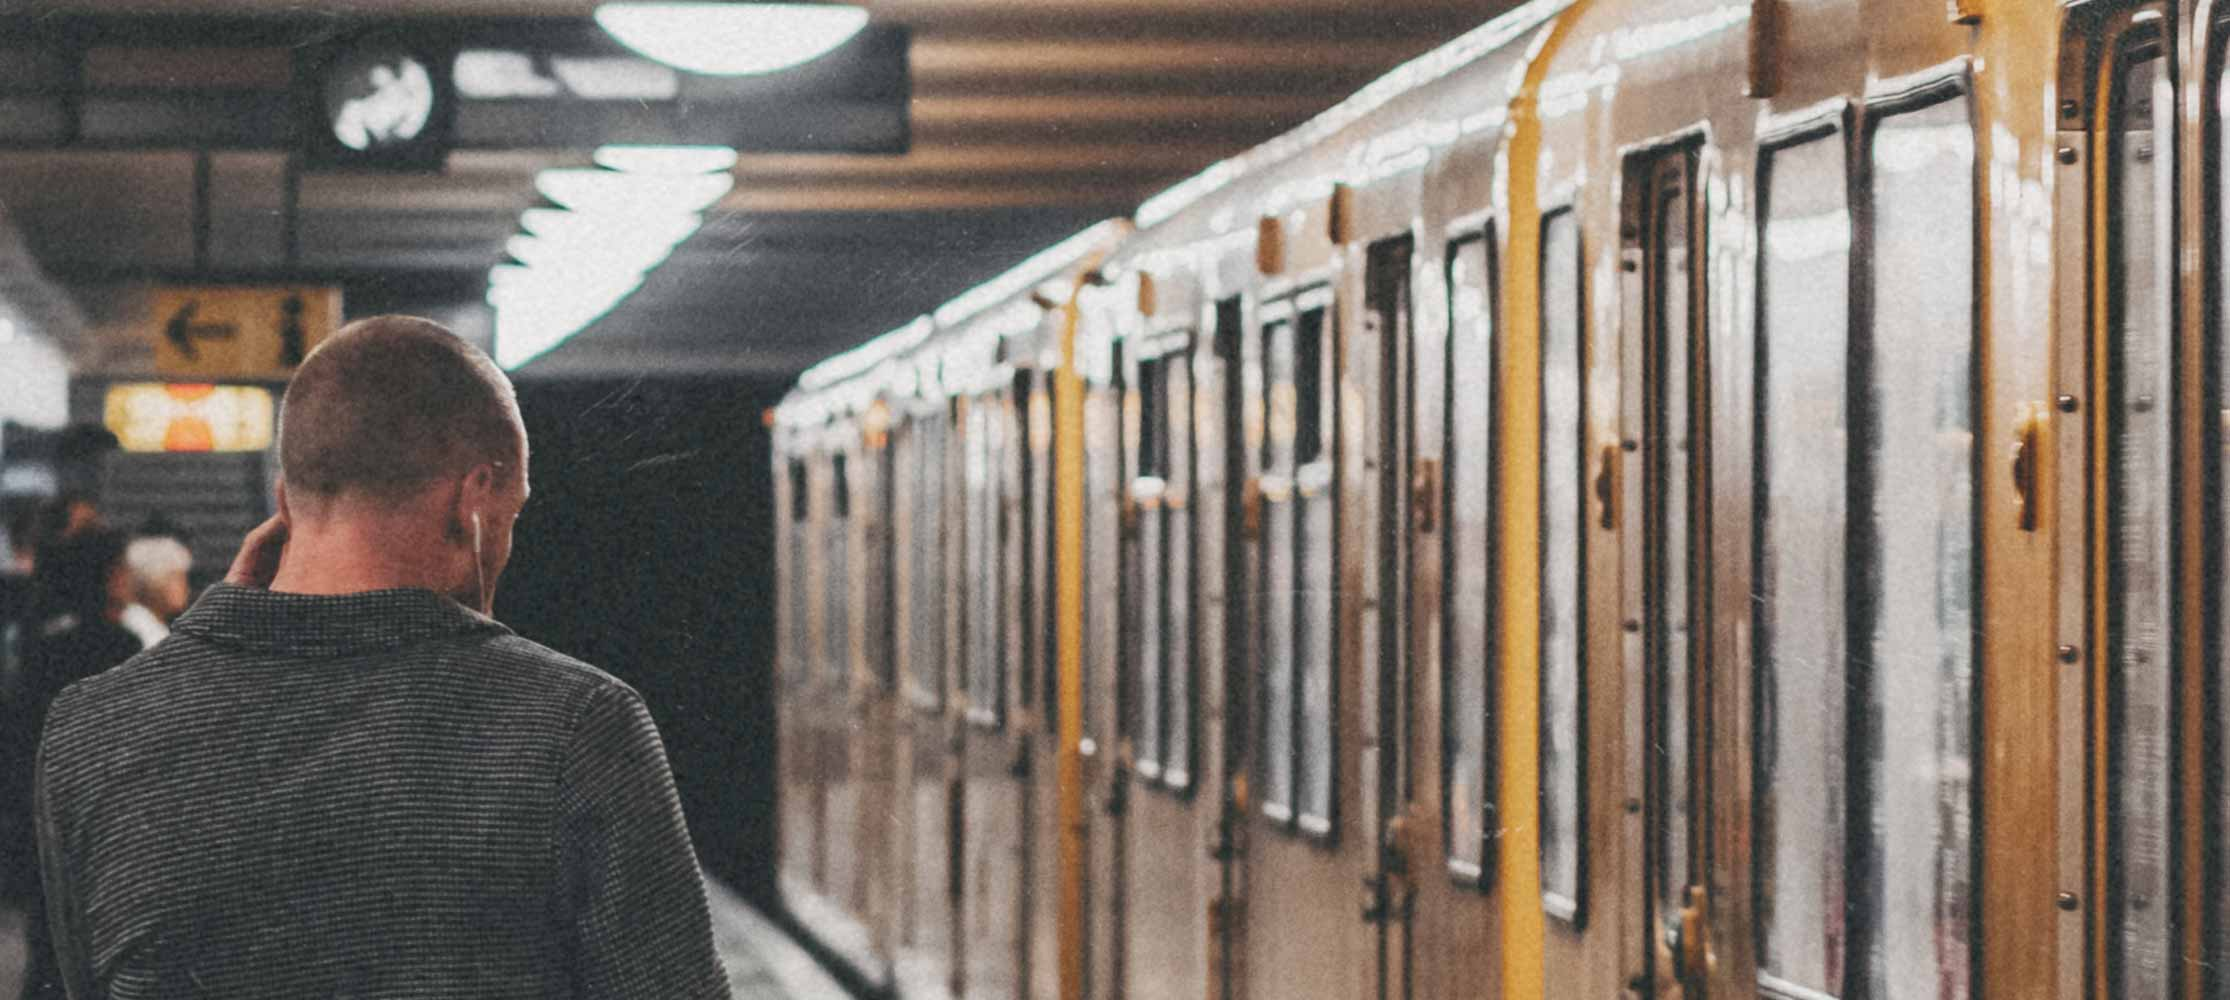 U Bahn Mann Kopfhörer Predigten